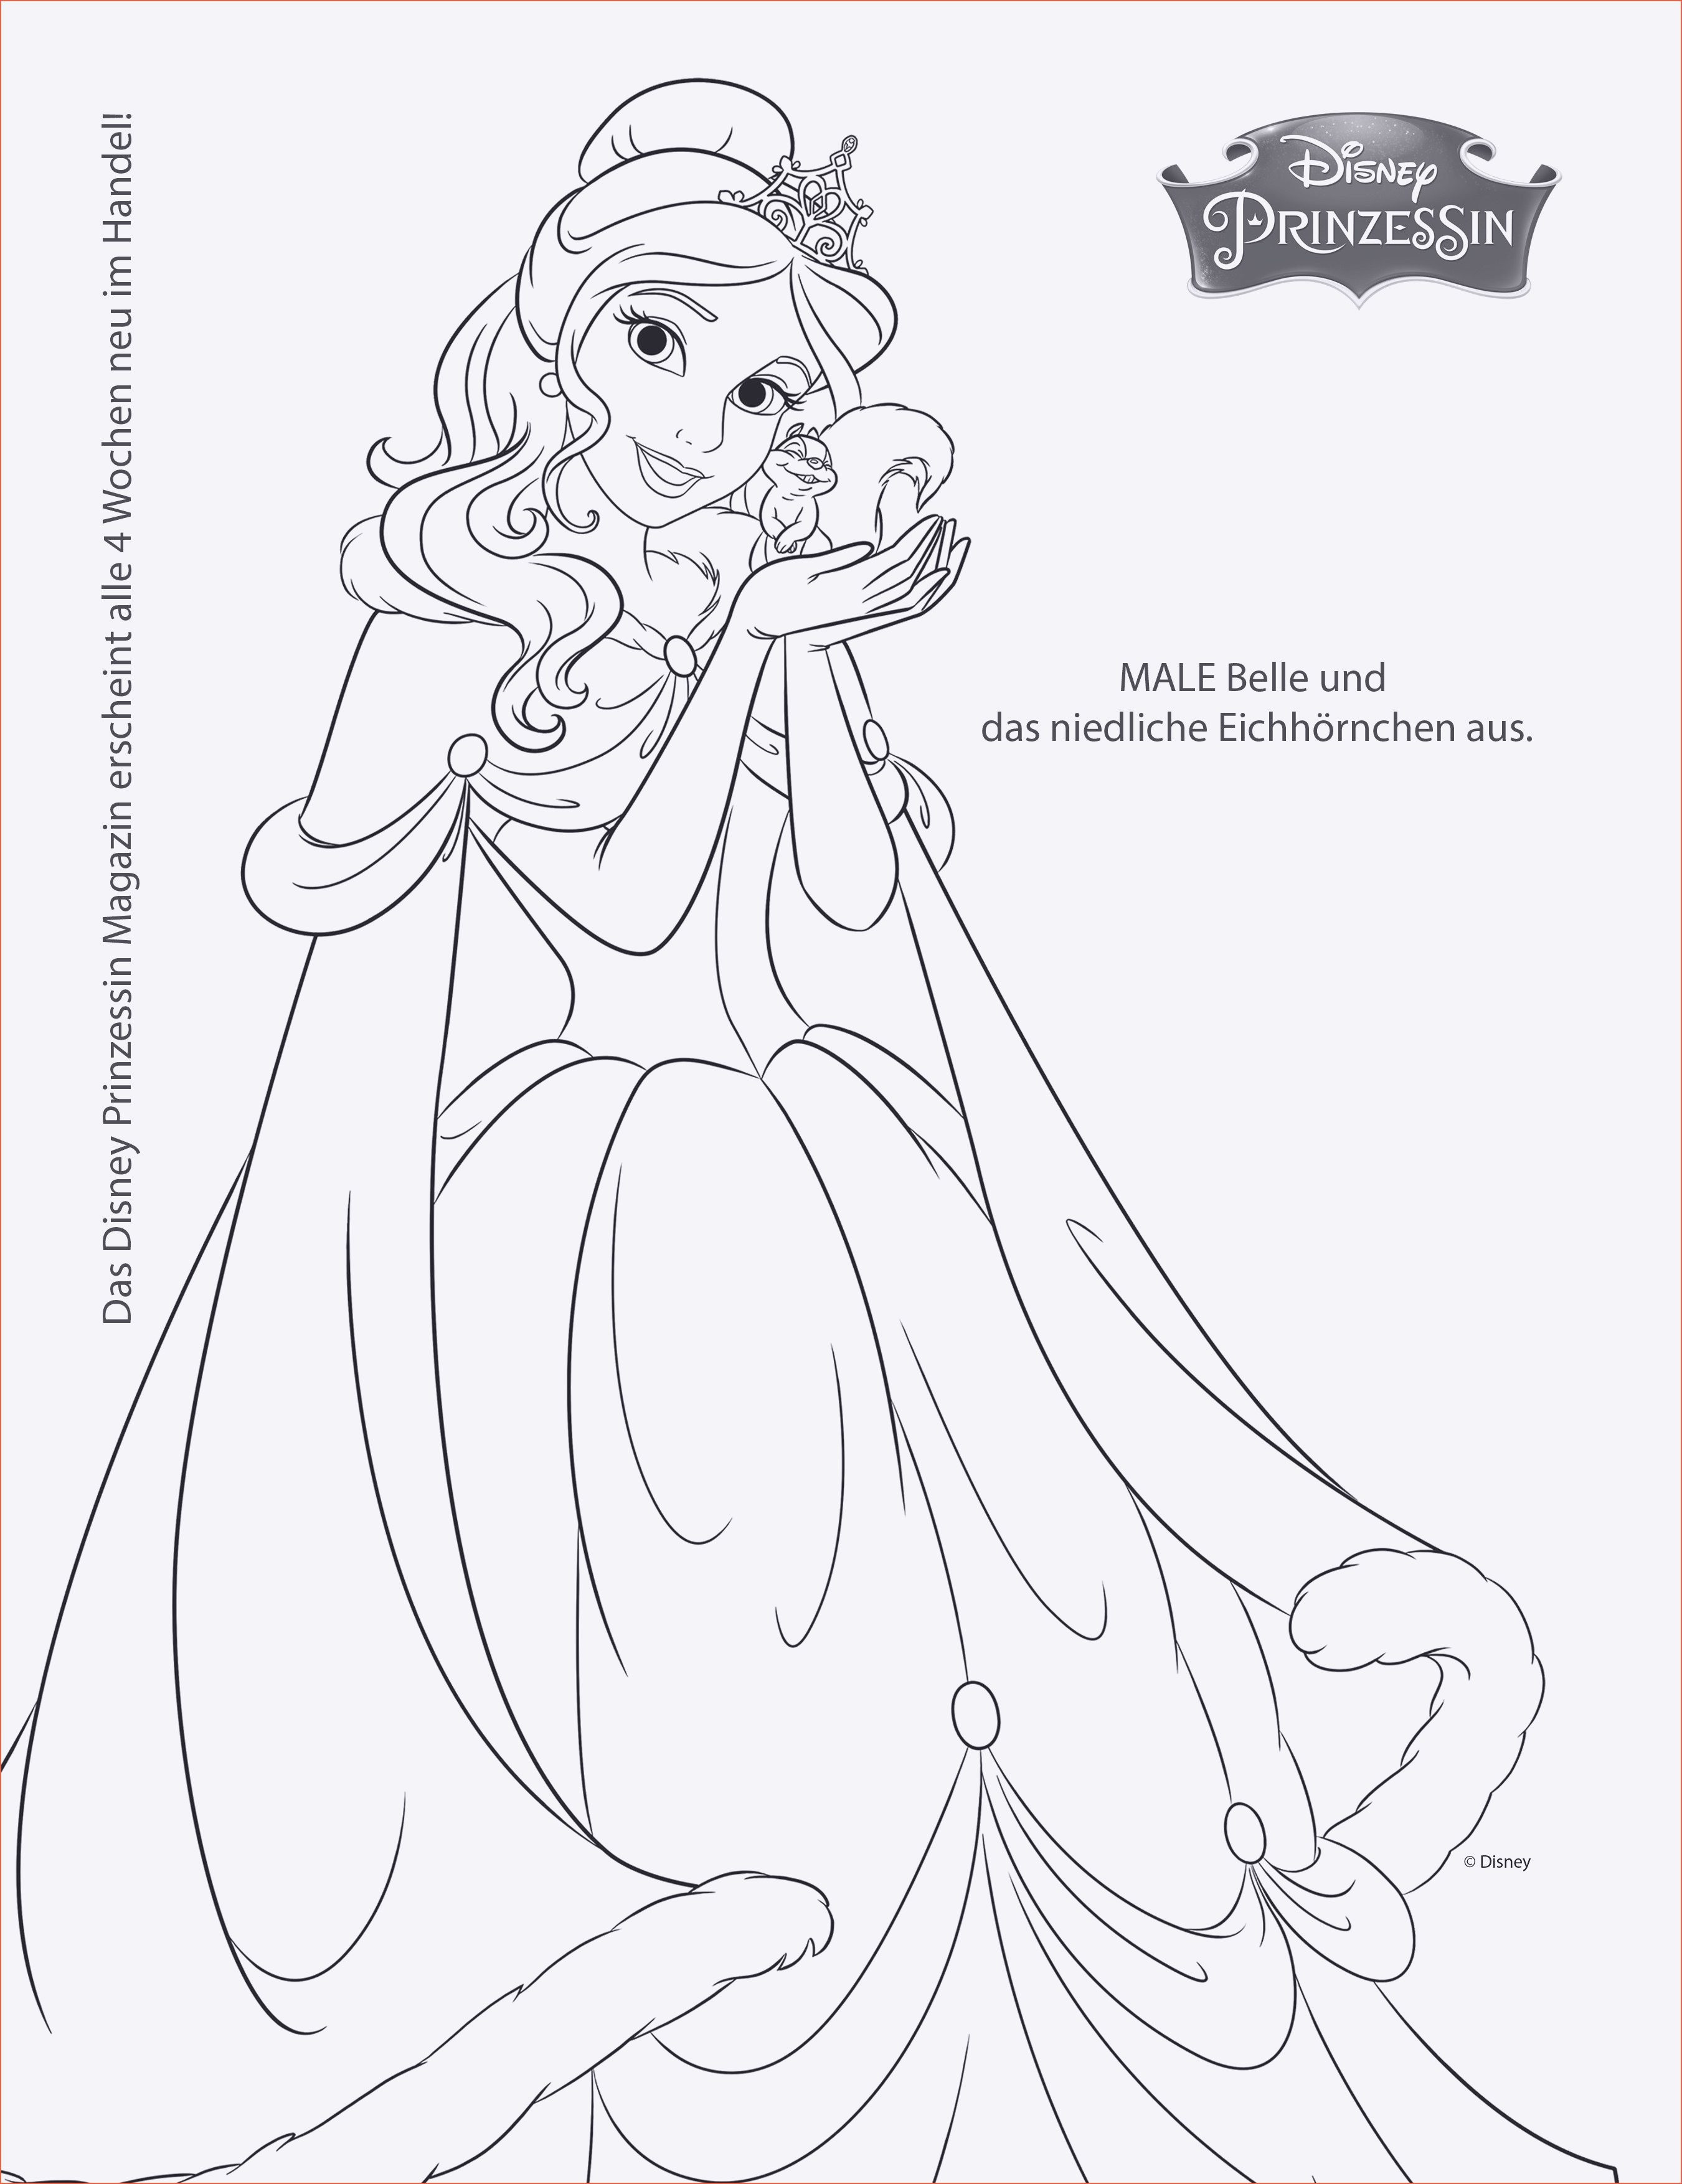 Ausmalbilder Prinzessin Meerjungfrau Inspirierend Prinzessin Bilder Zum Ausdrucken Prinzessin Bilder Zum Ffdn Bild